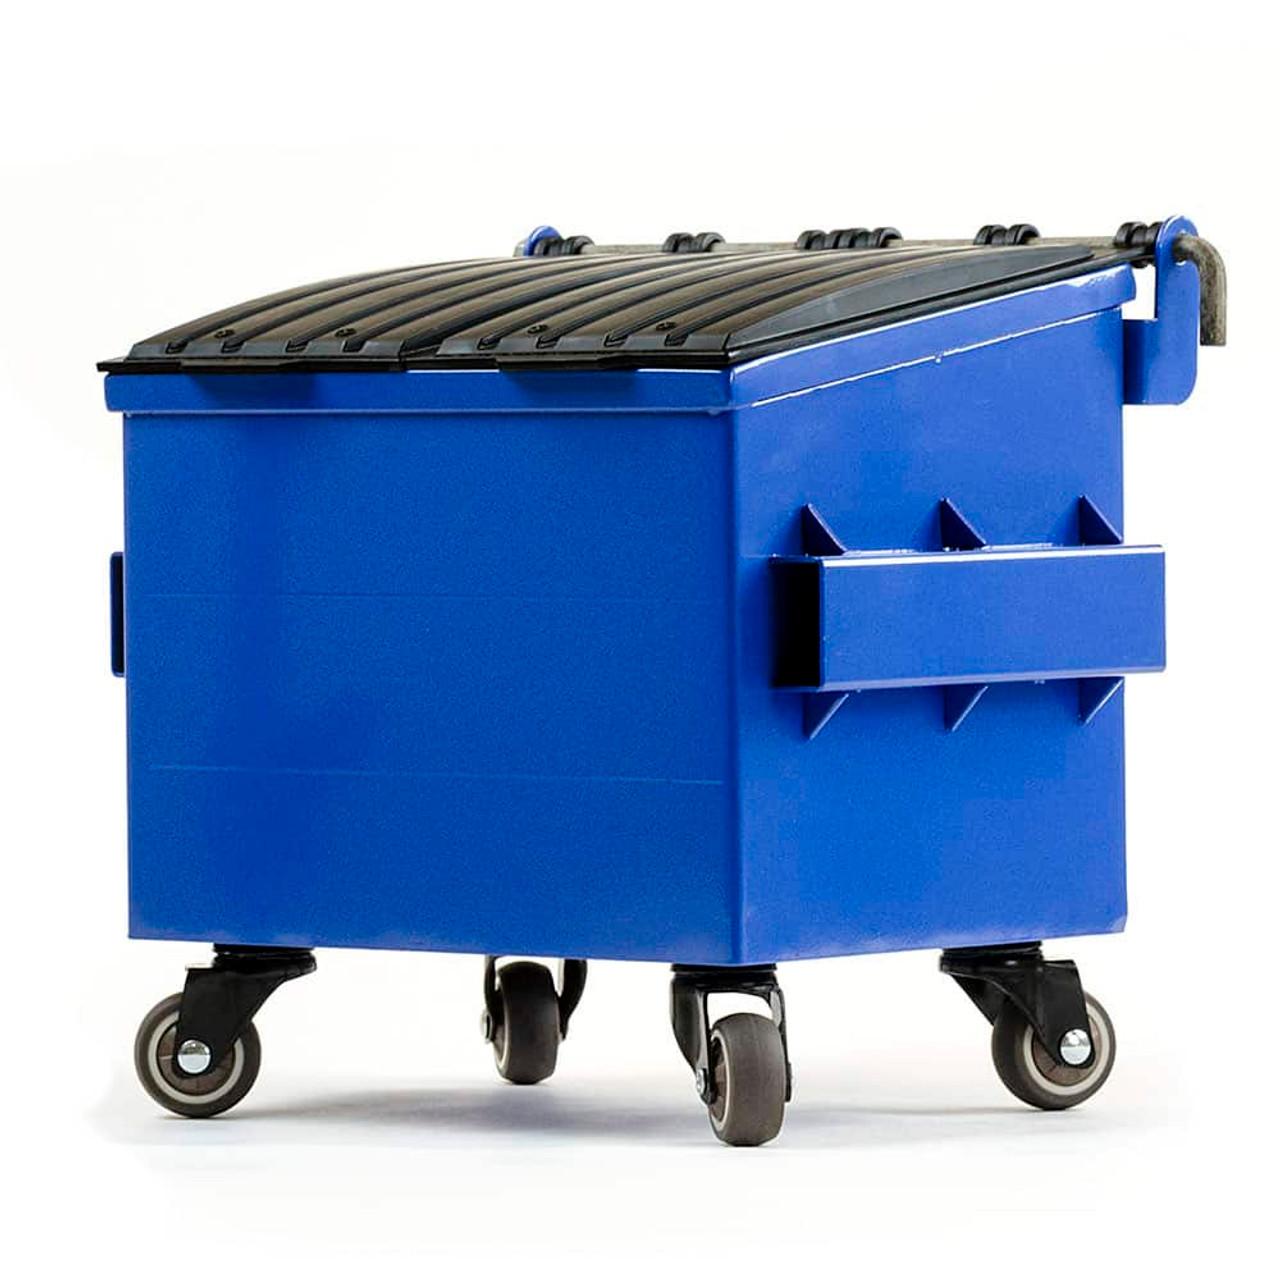 Dumpsty Desk Top Steel Mini Dumpster RECYCLE BLUE